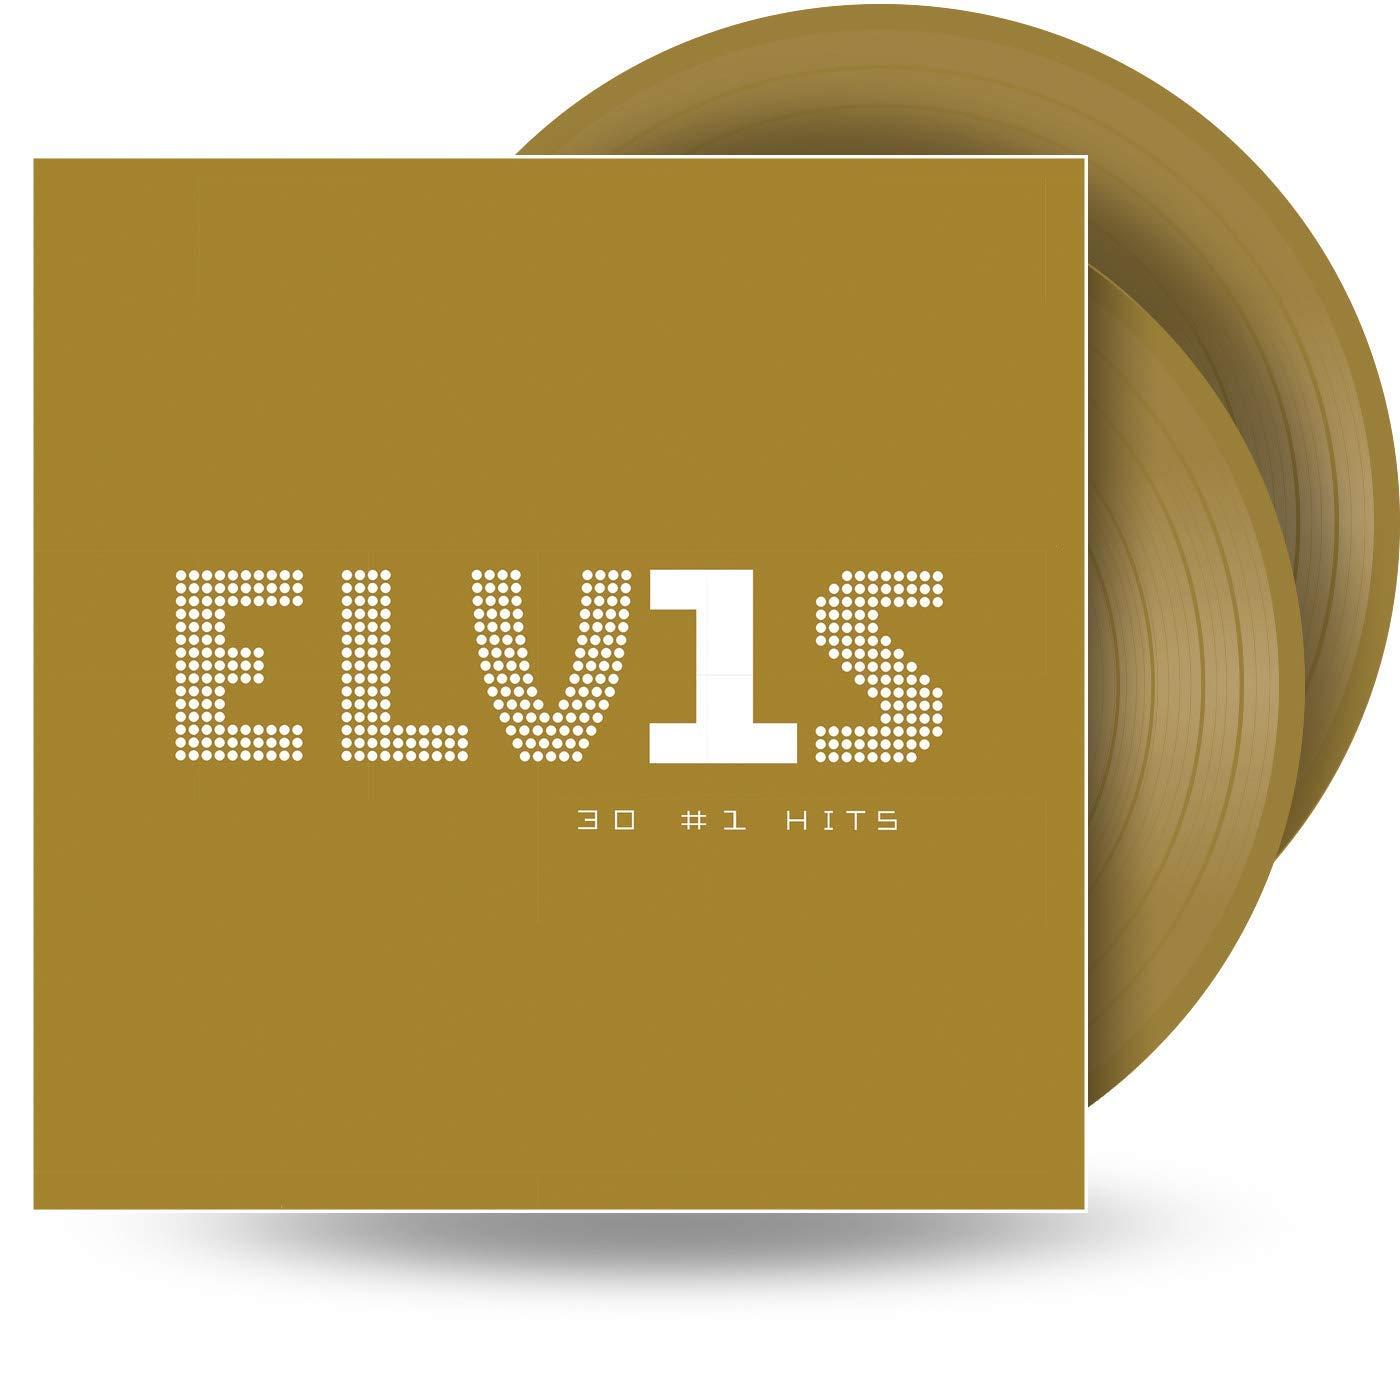 Elvis 30 1 Hits - Vinyl thumbnail